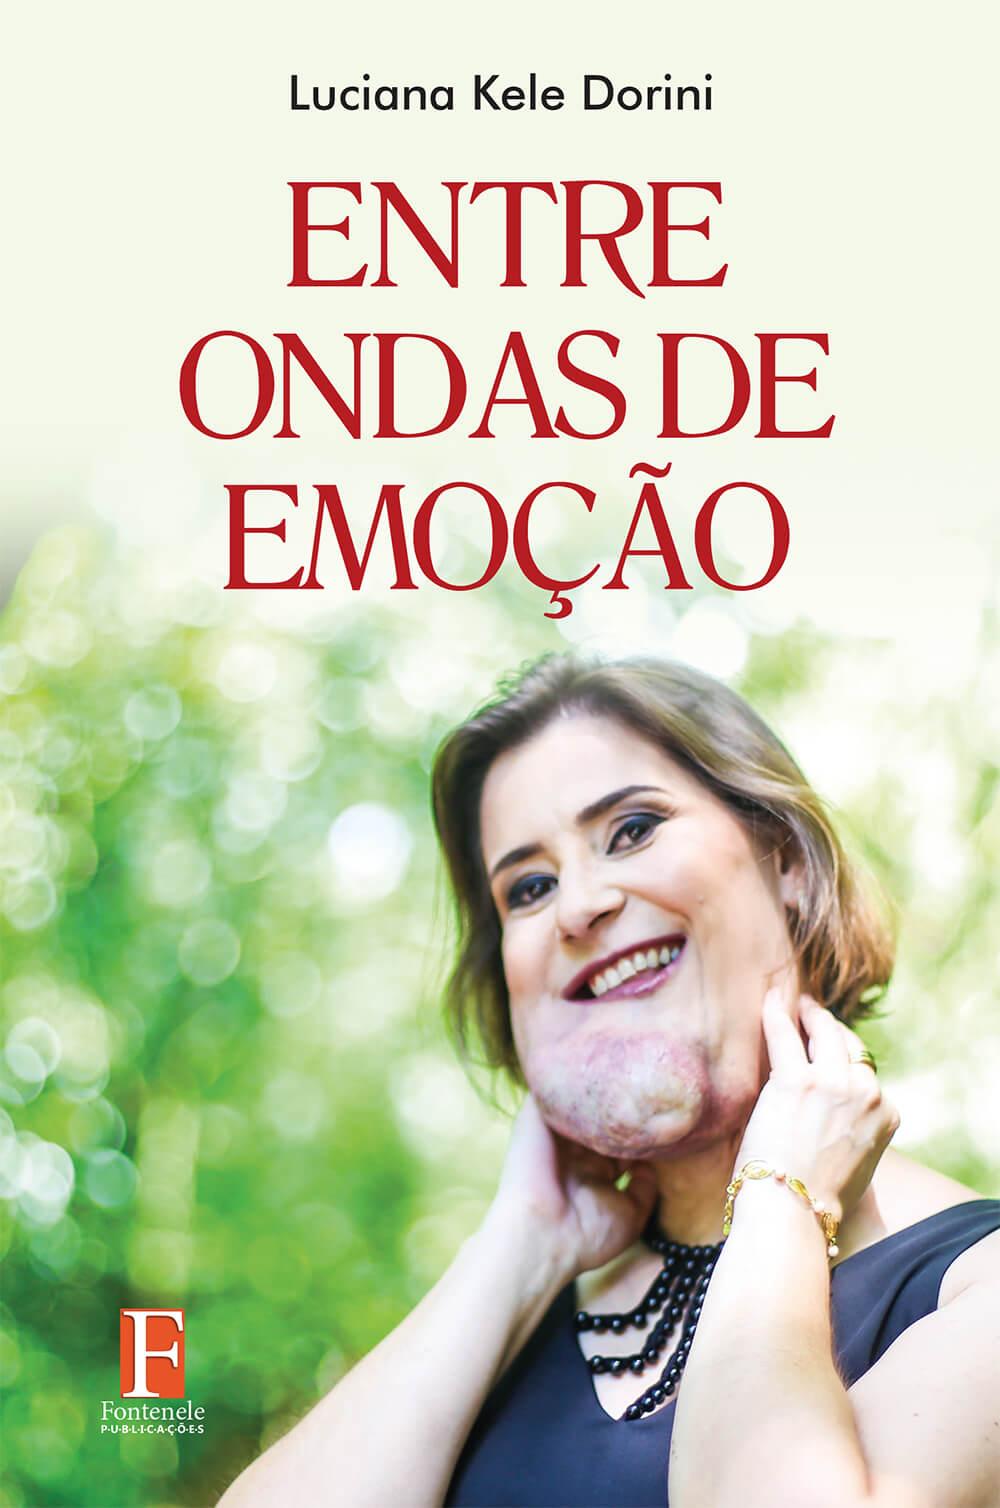 Fontenele Publicações / 11 95150-3481 / 11  95150-4383 ENTRE ONDAS DE EMOÇÃO